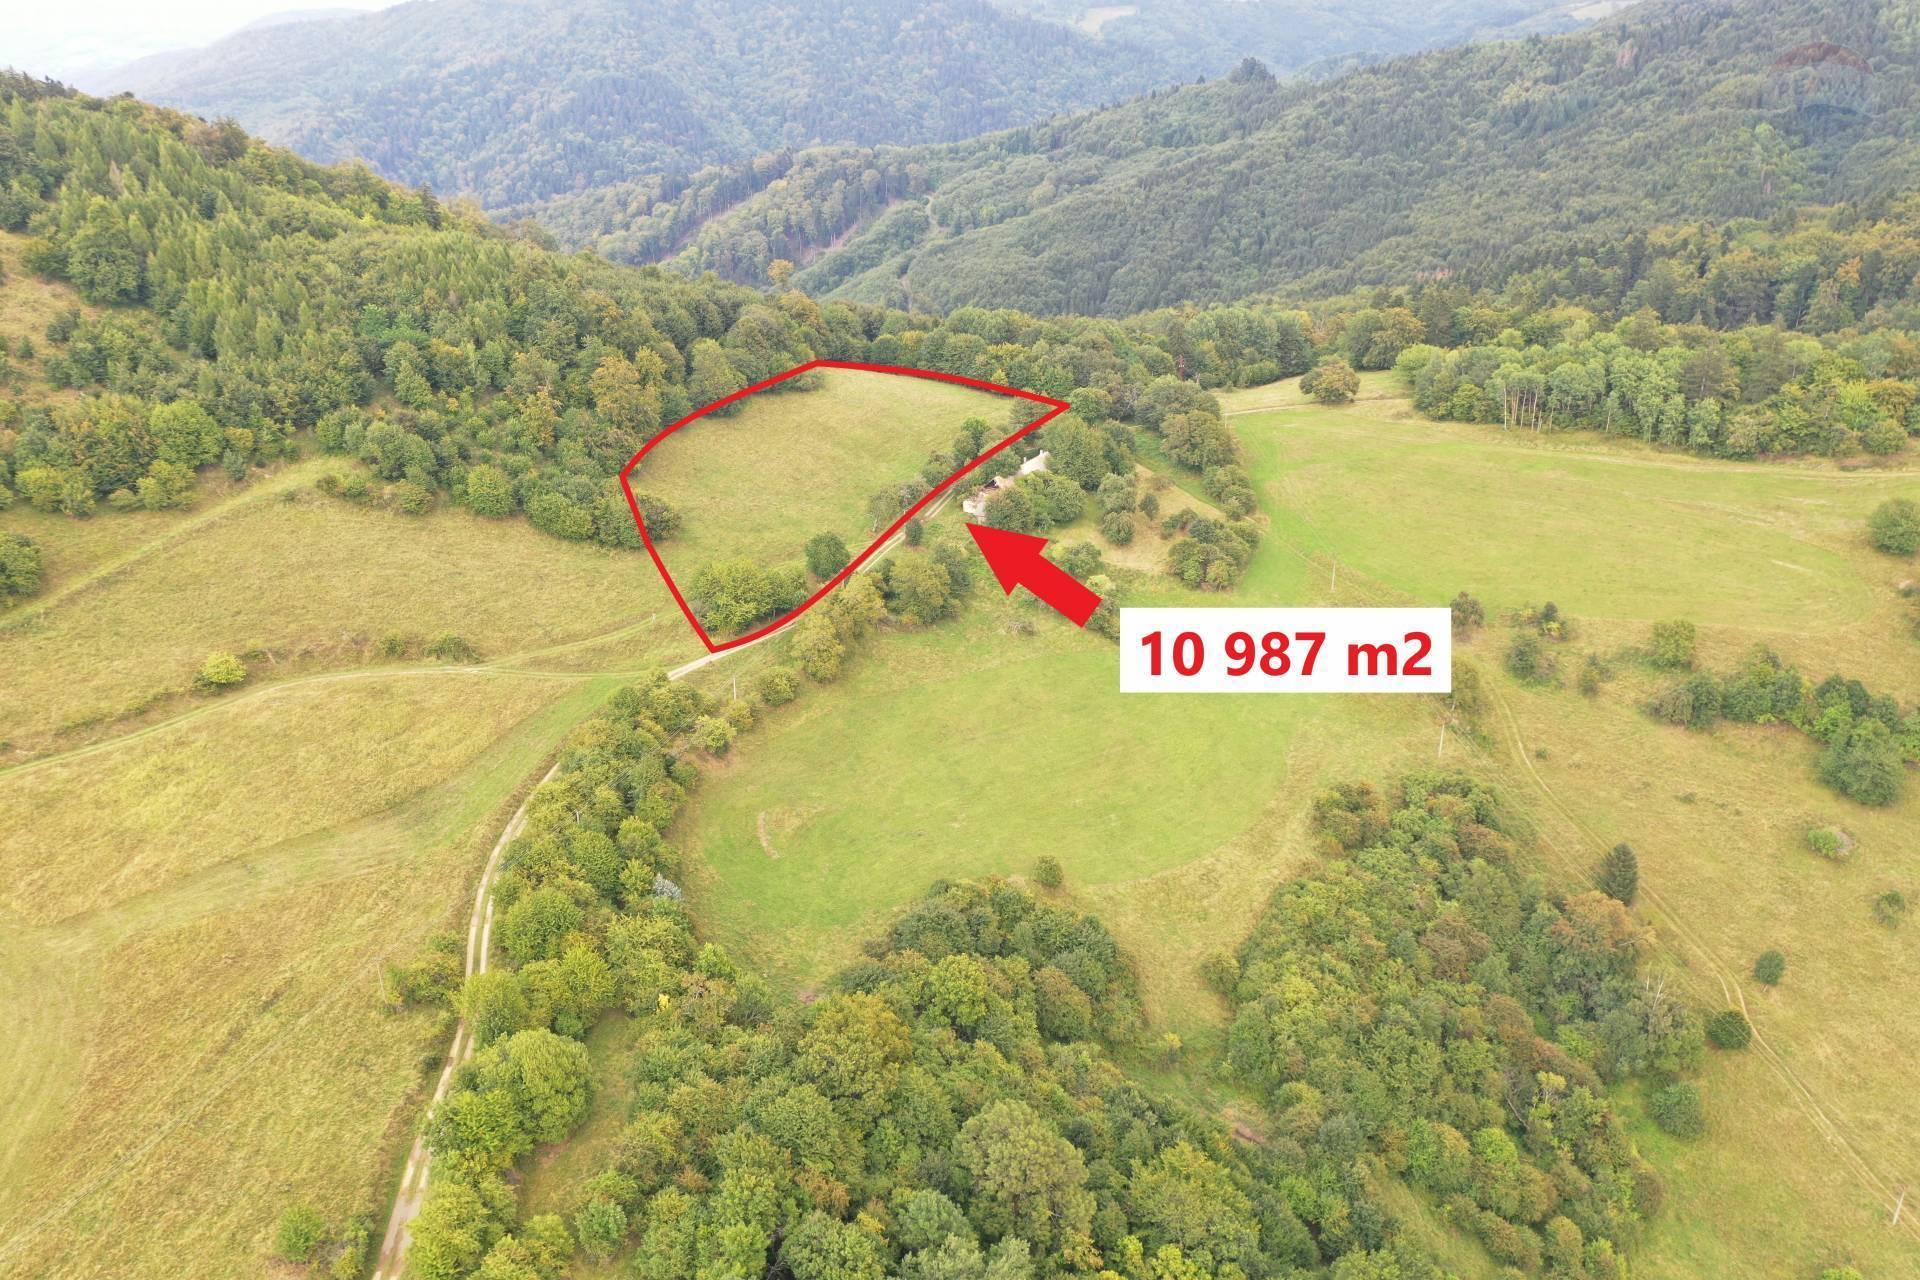 Predaj pozemku 10987 m2, Hodruša-Hámre - predaj, pozemok, banská štiavnica, hodruša-hámre,chata